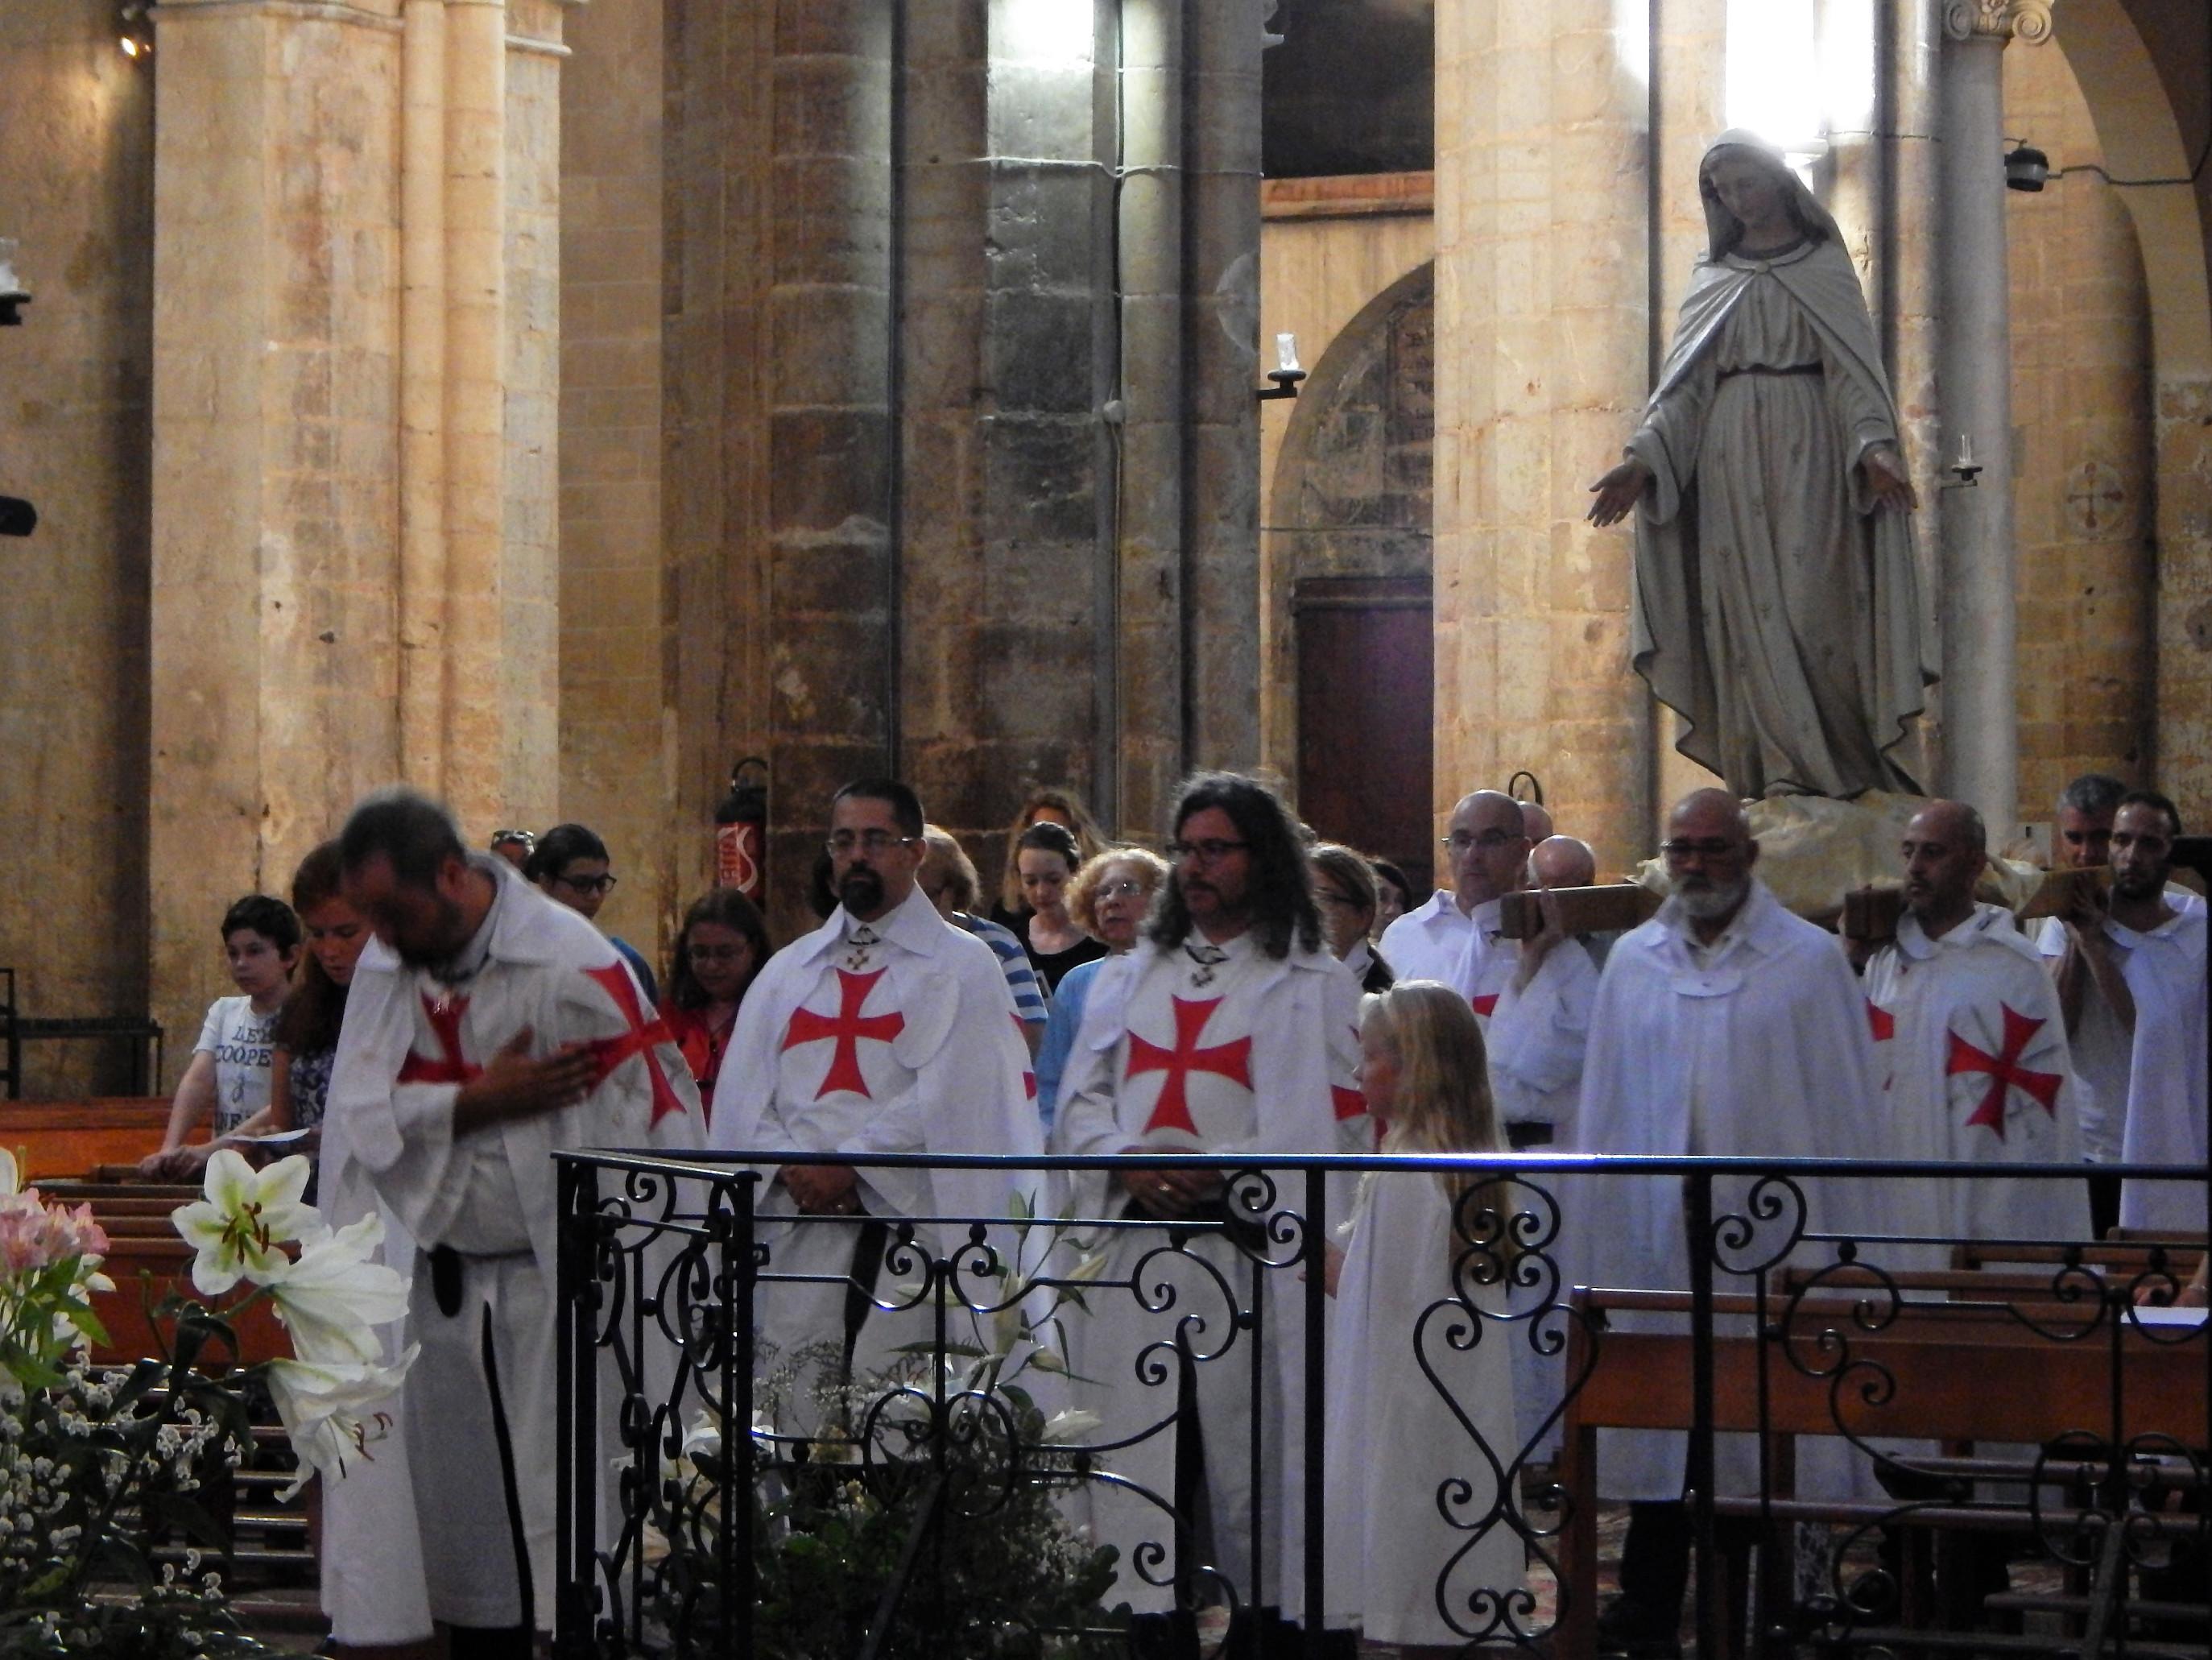 Les Templiers Catholiques de France a Saint Maximin pour la fête de l'Assomption de la Vierge Marie